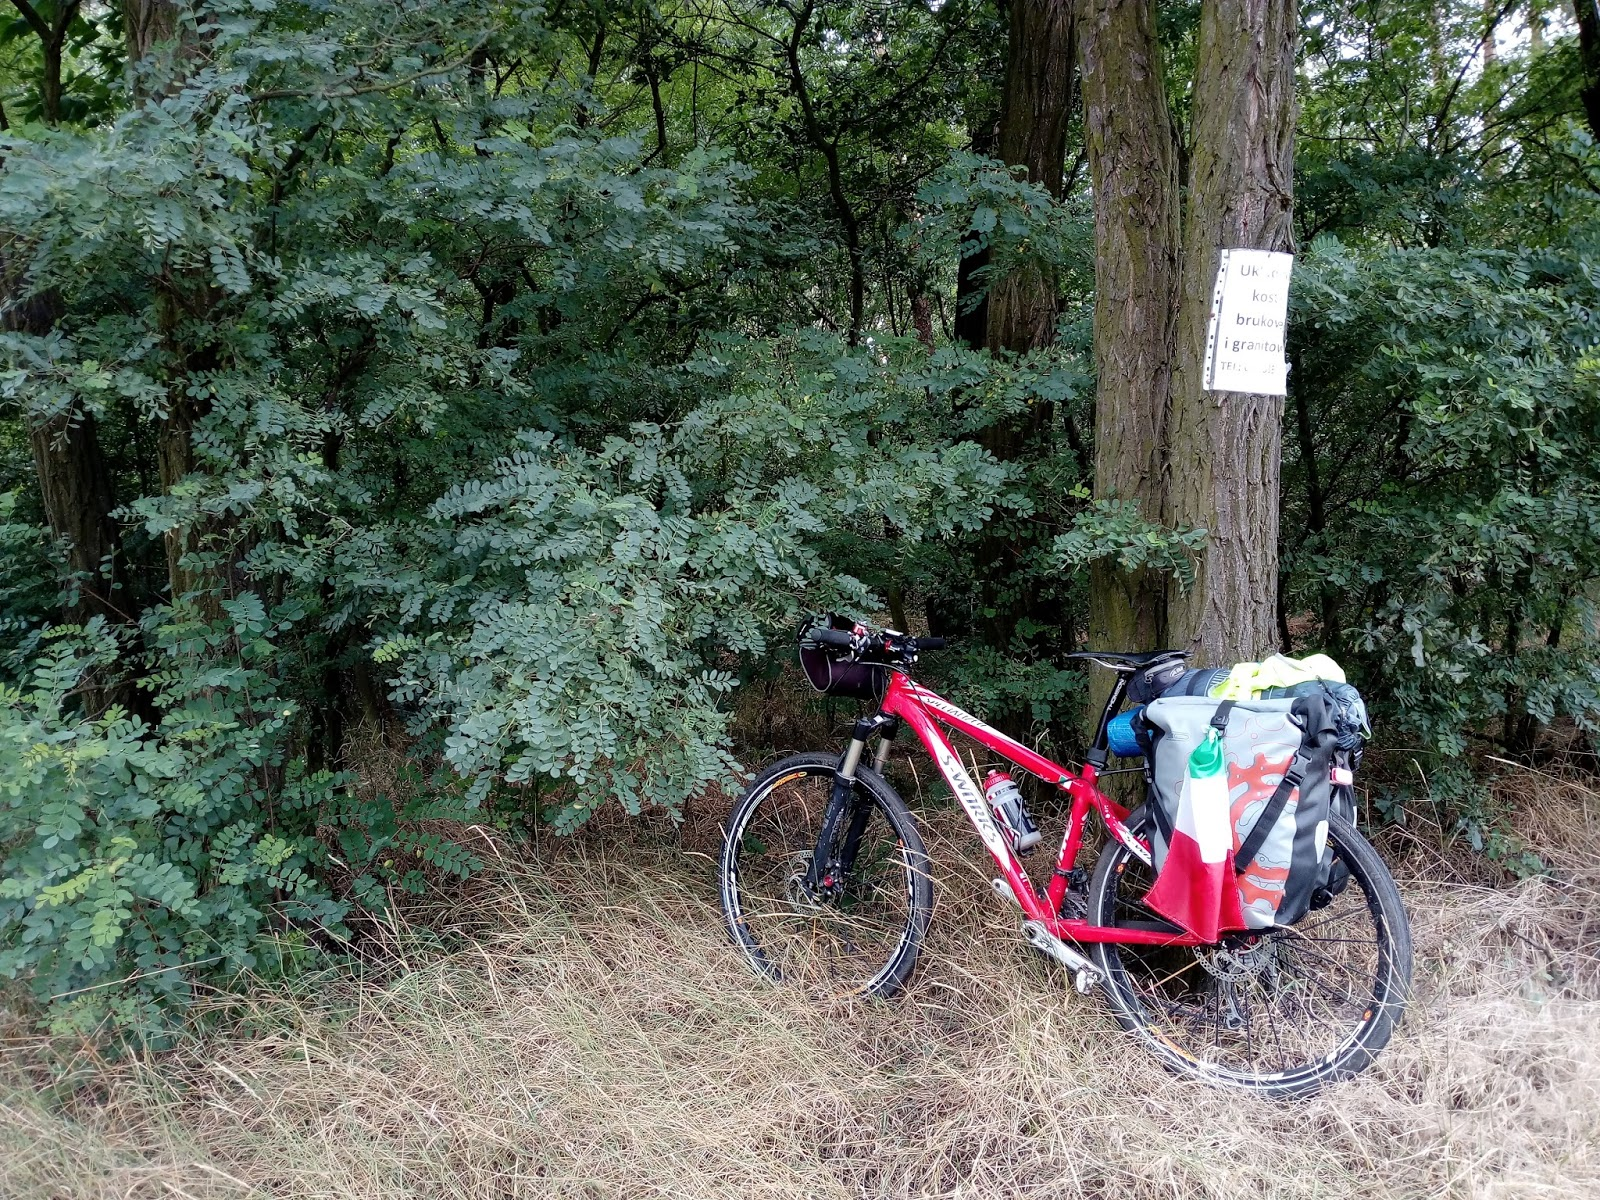 Una volpe a pedali. viaggi in bici: tredicesima tappa: da olesnica ...